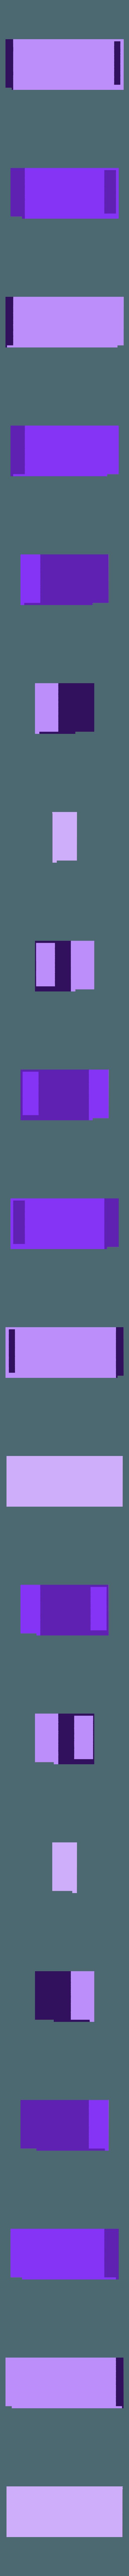 grand plateau.stl Télécharger fichier STL gratuit servante FACOM 1/10 pour garage 1/10 diorama  • Plan imprimable en 3D, RCGANG93